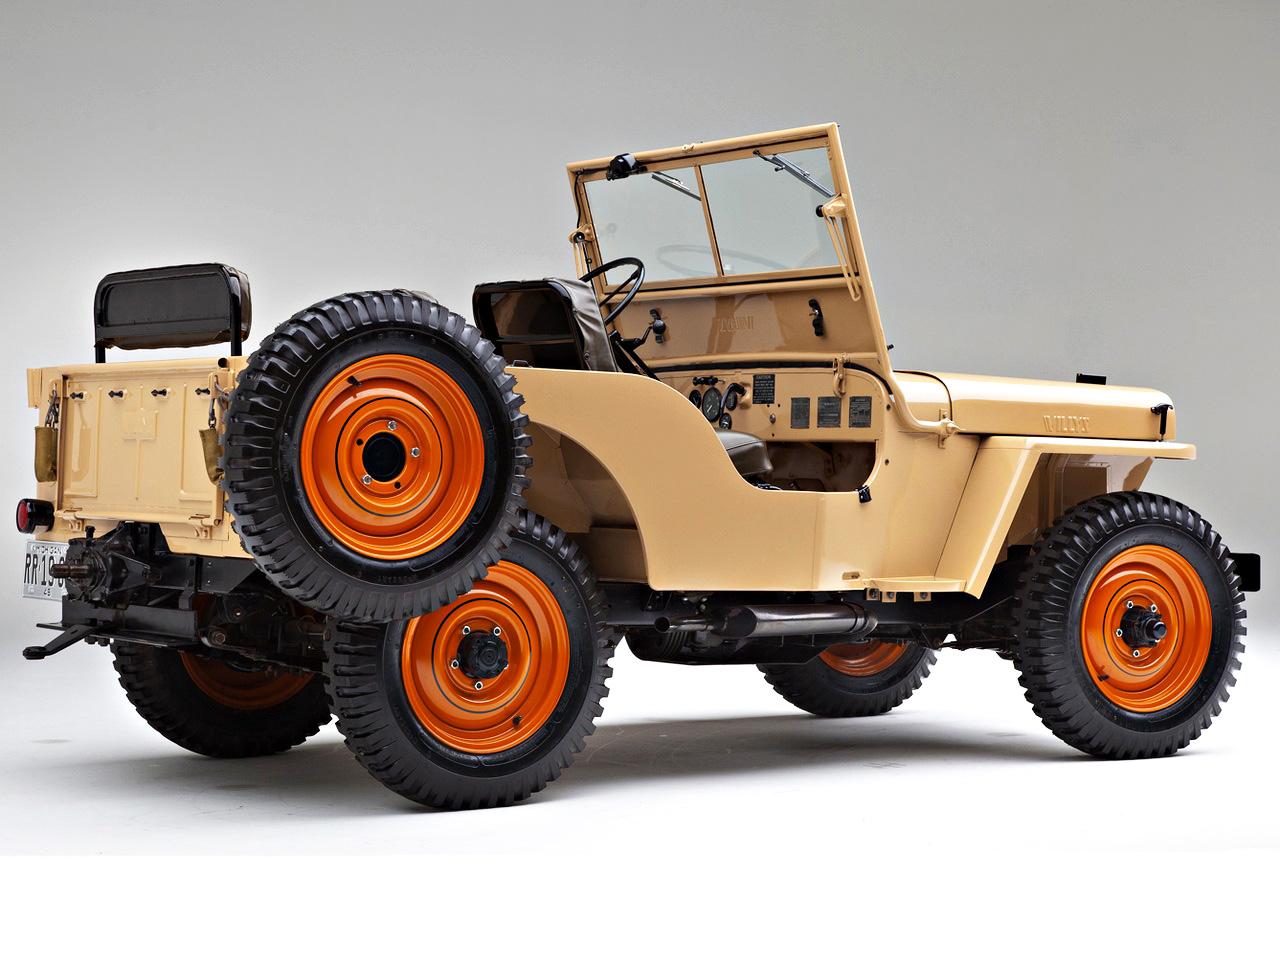 Willys Jeep CJ-2A